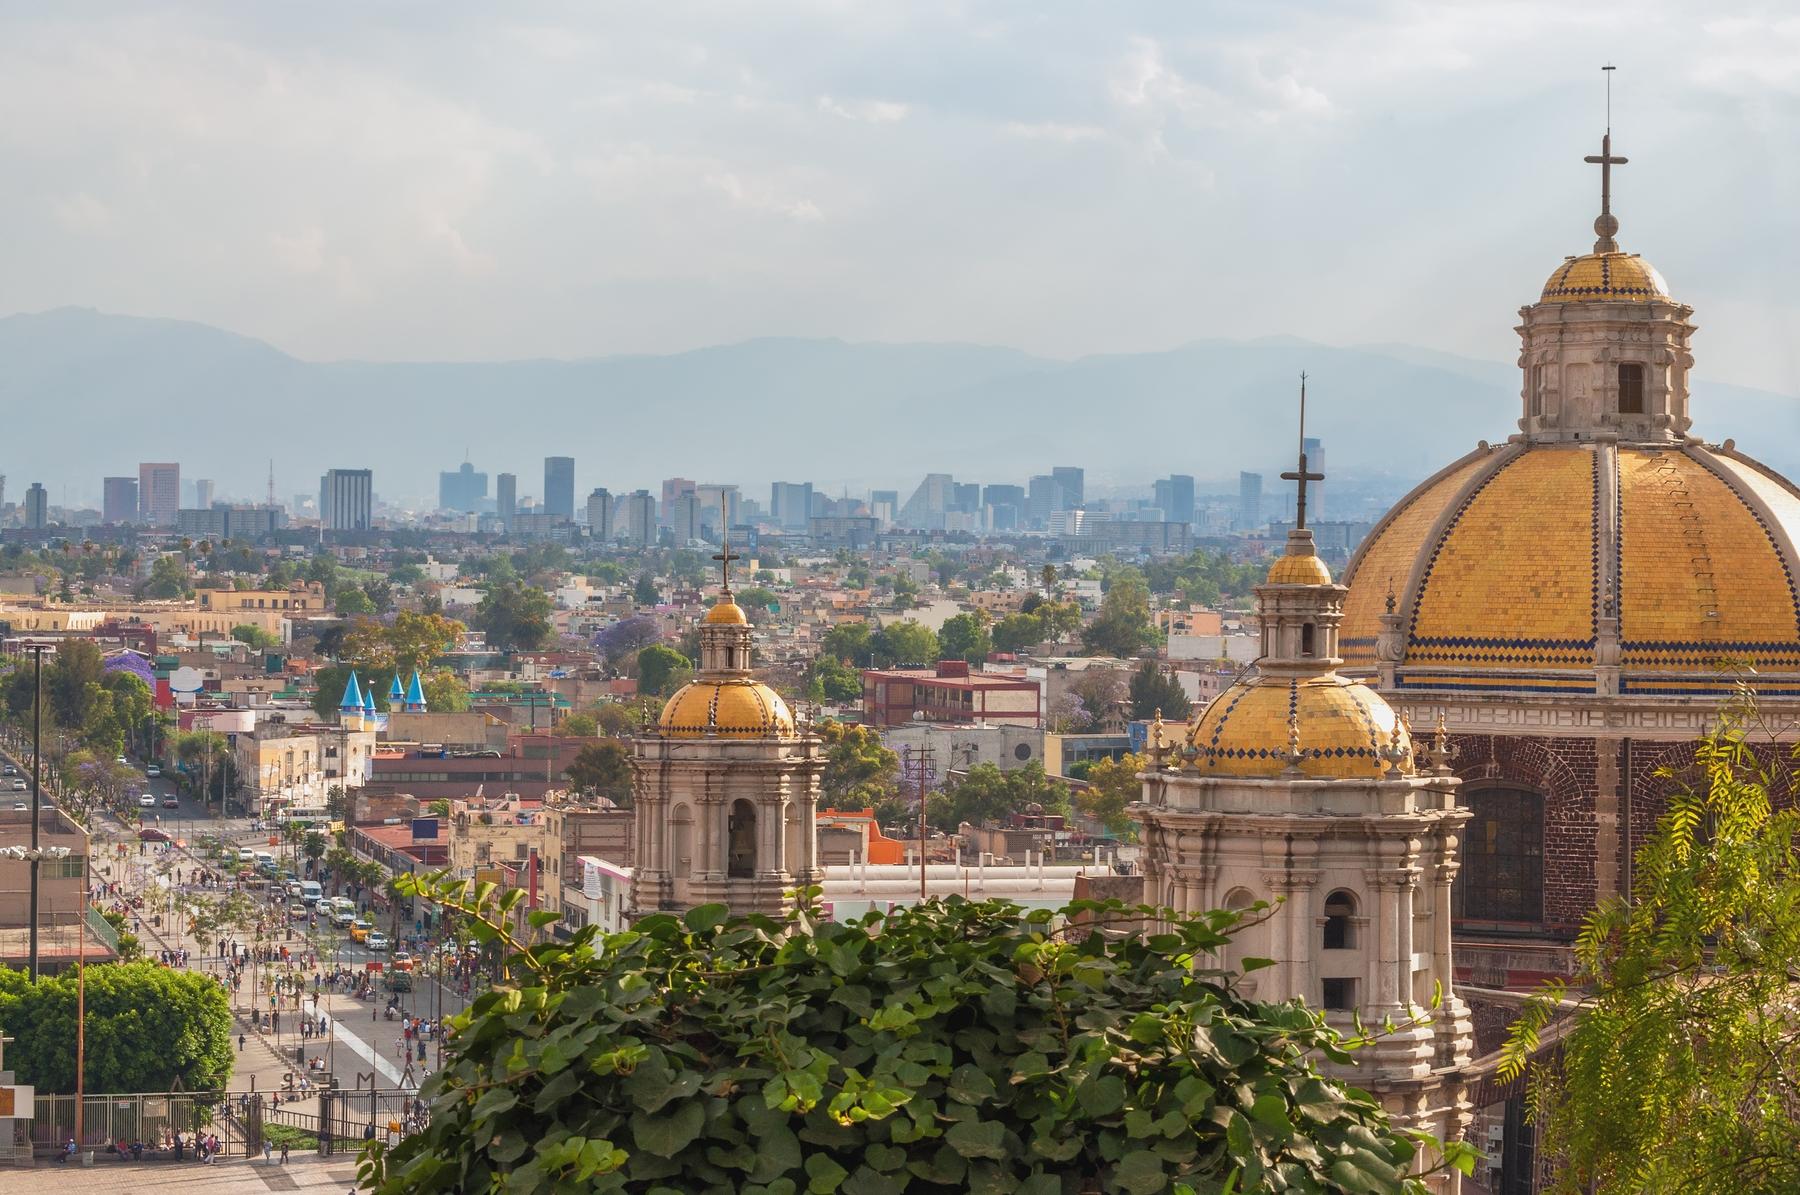 Cúpula da Basílica de Nossa Senhora de Guadalupe, na Cidade do México